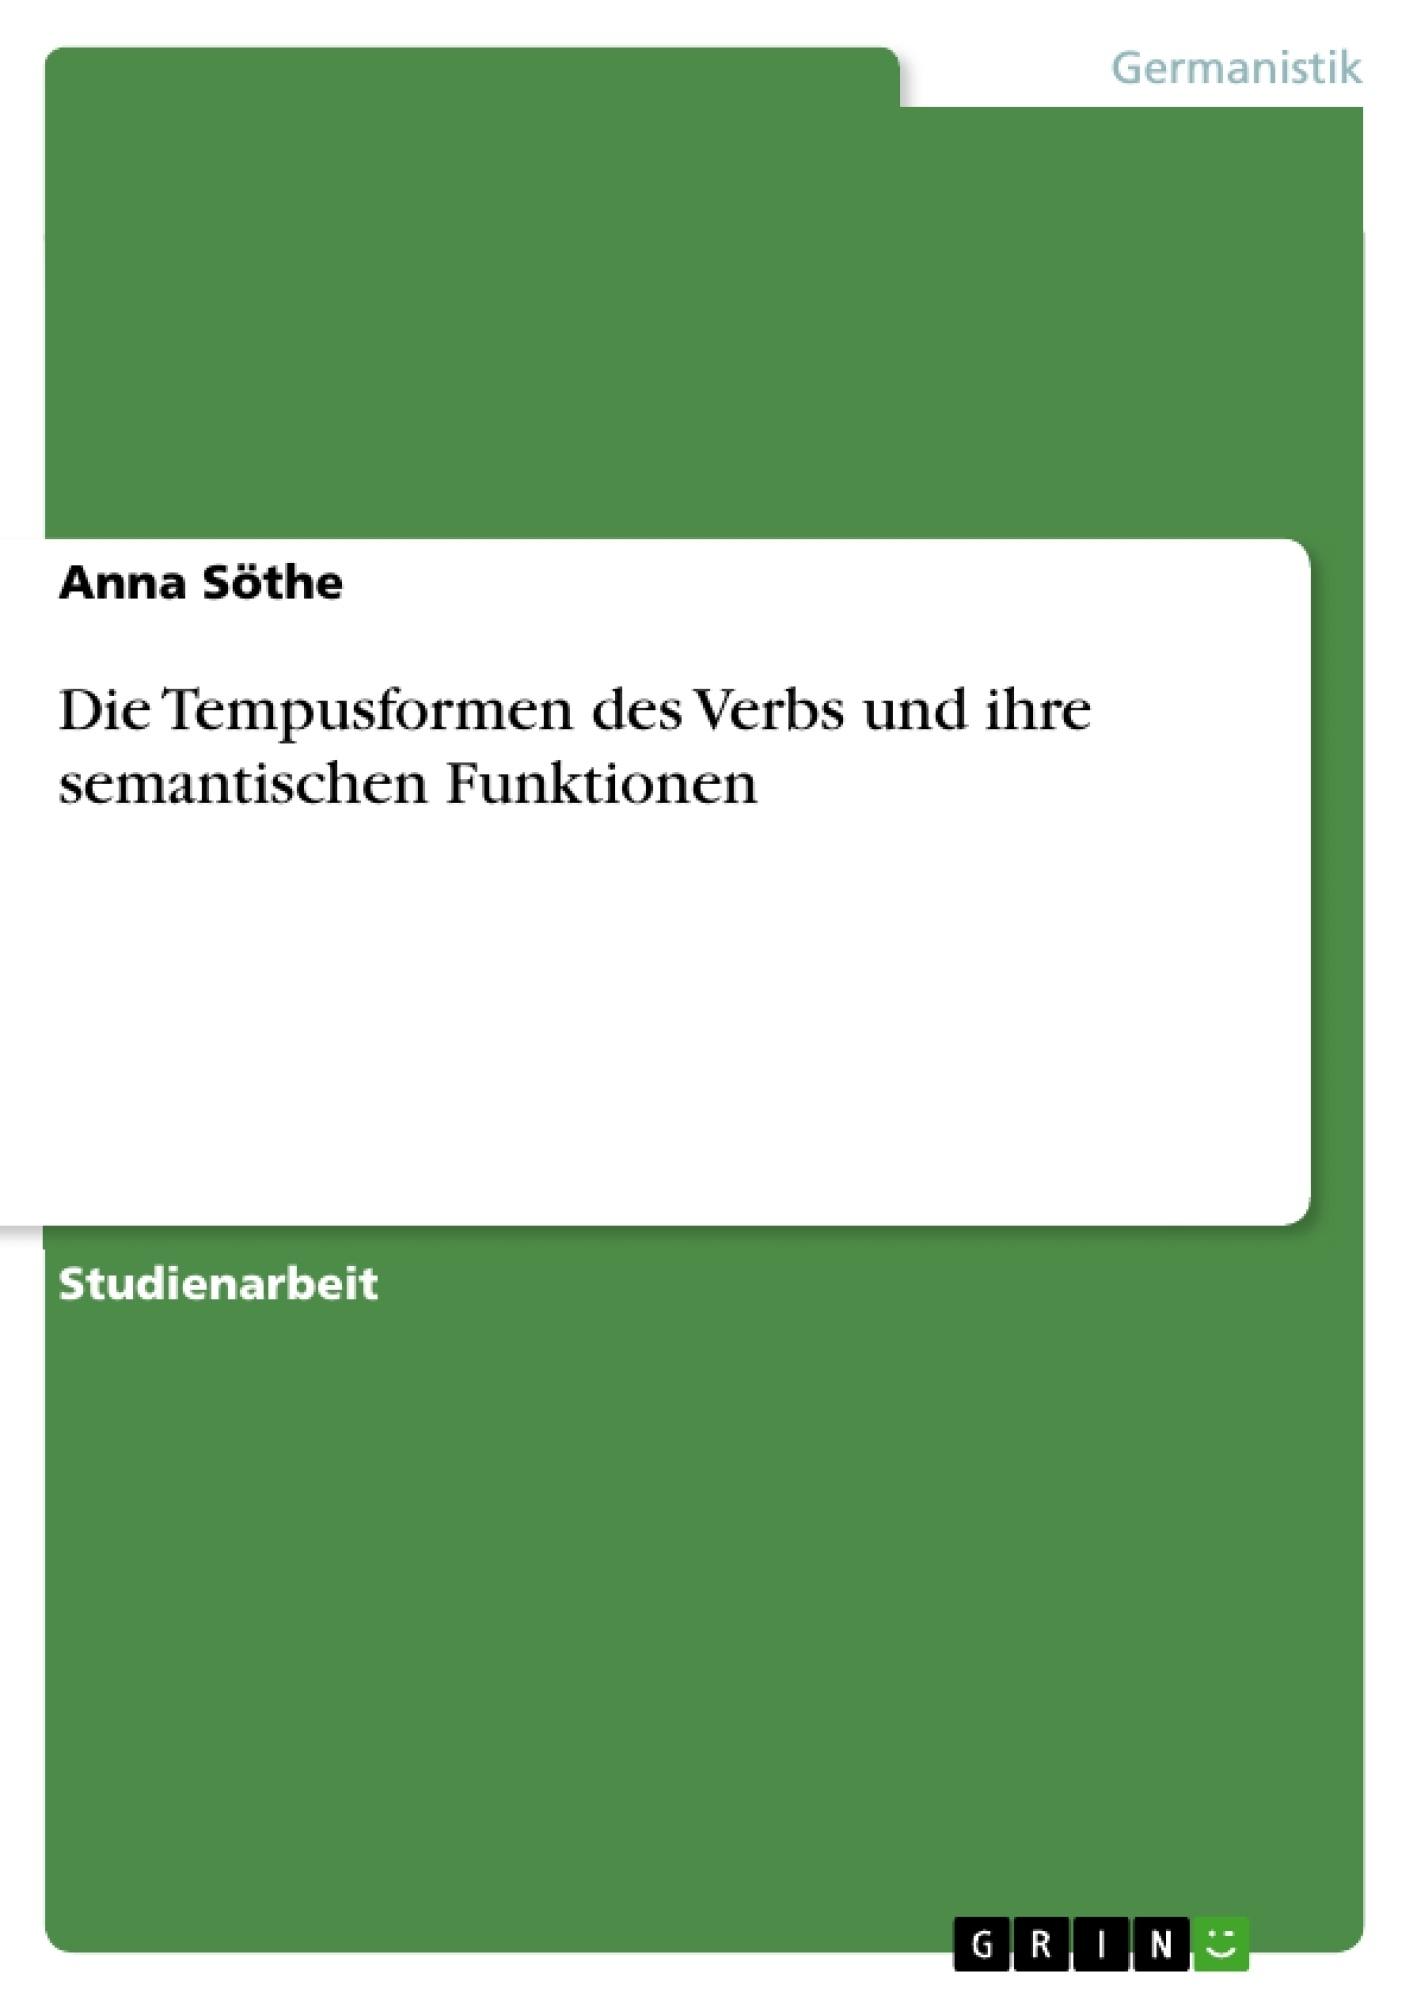 Titel: Die Tempusformen des Verbs und ihre semantischen Funktionen